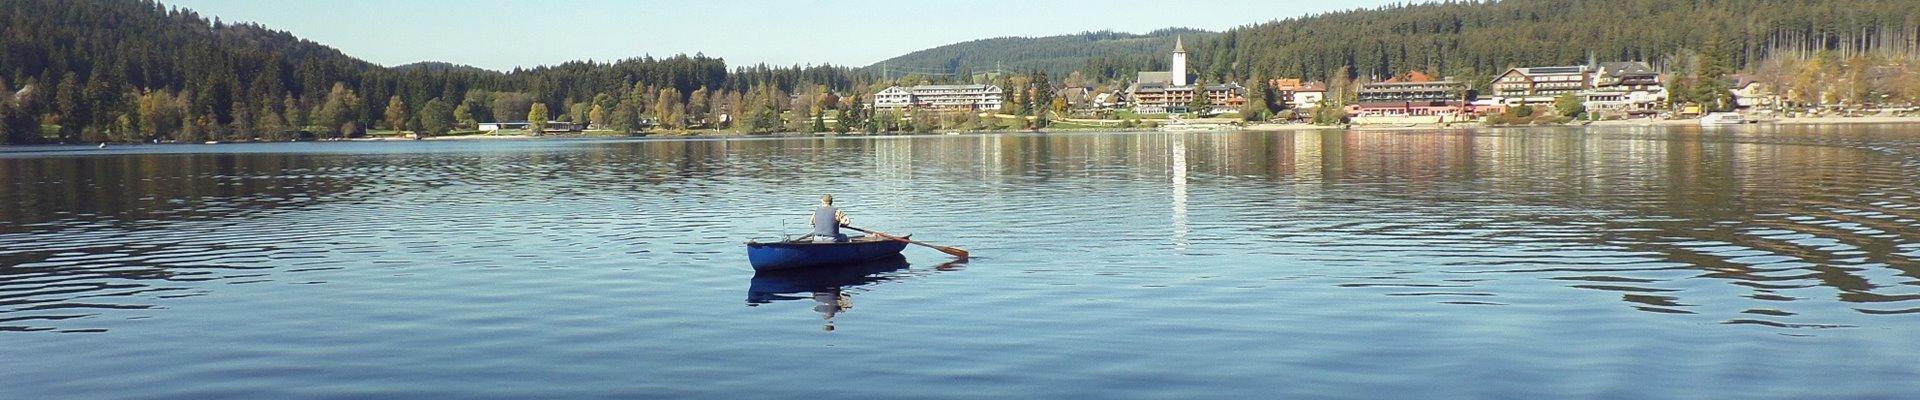 Erlebnis Slider 1920x400: Ruderboot auf dem Titisee